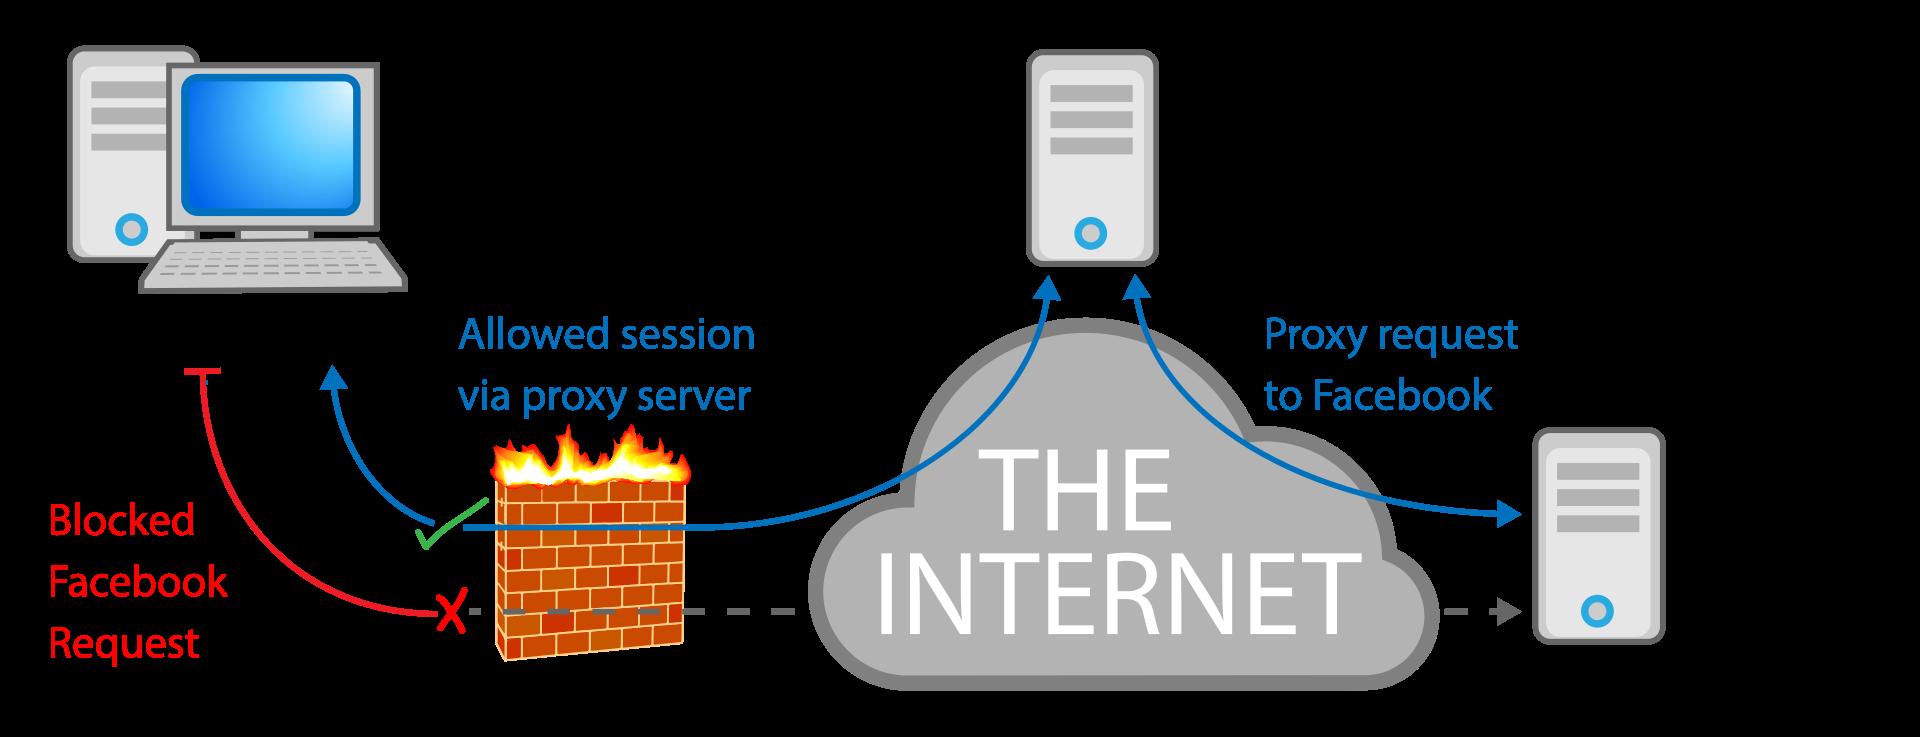 تخطي حجب المواقع باستخدام مواقع البروكسي. المصدر: ويكيبيديا